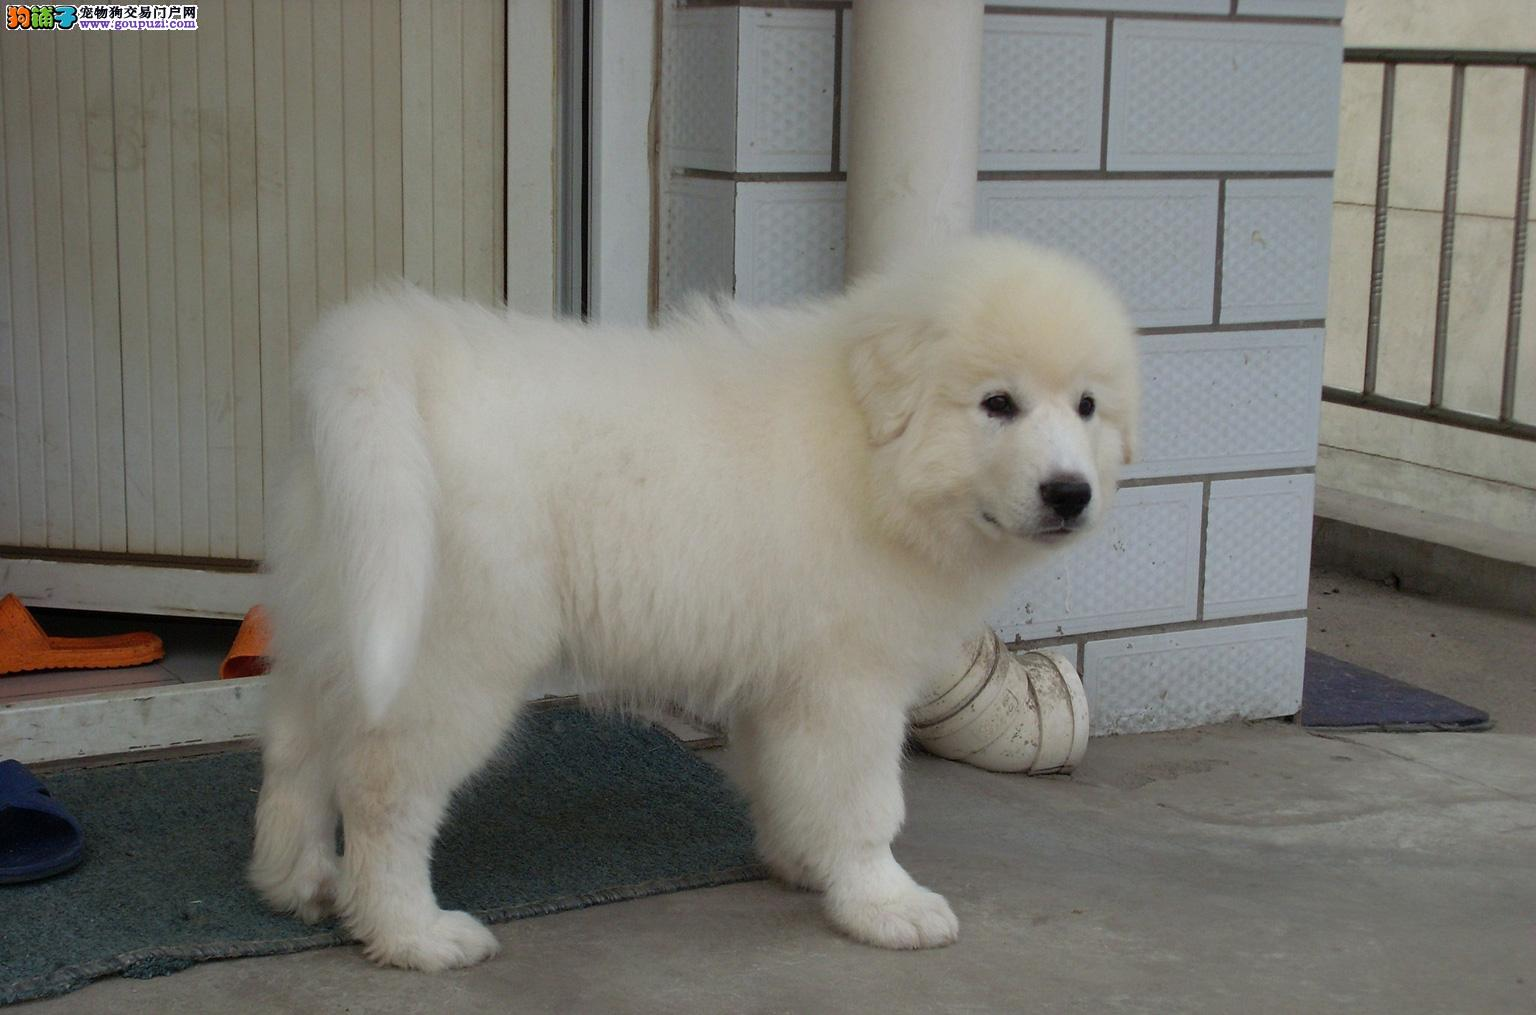 大白熊犬. 纯种健康.可以上门看狗.